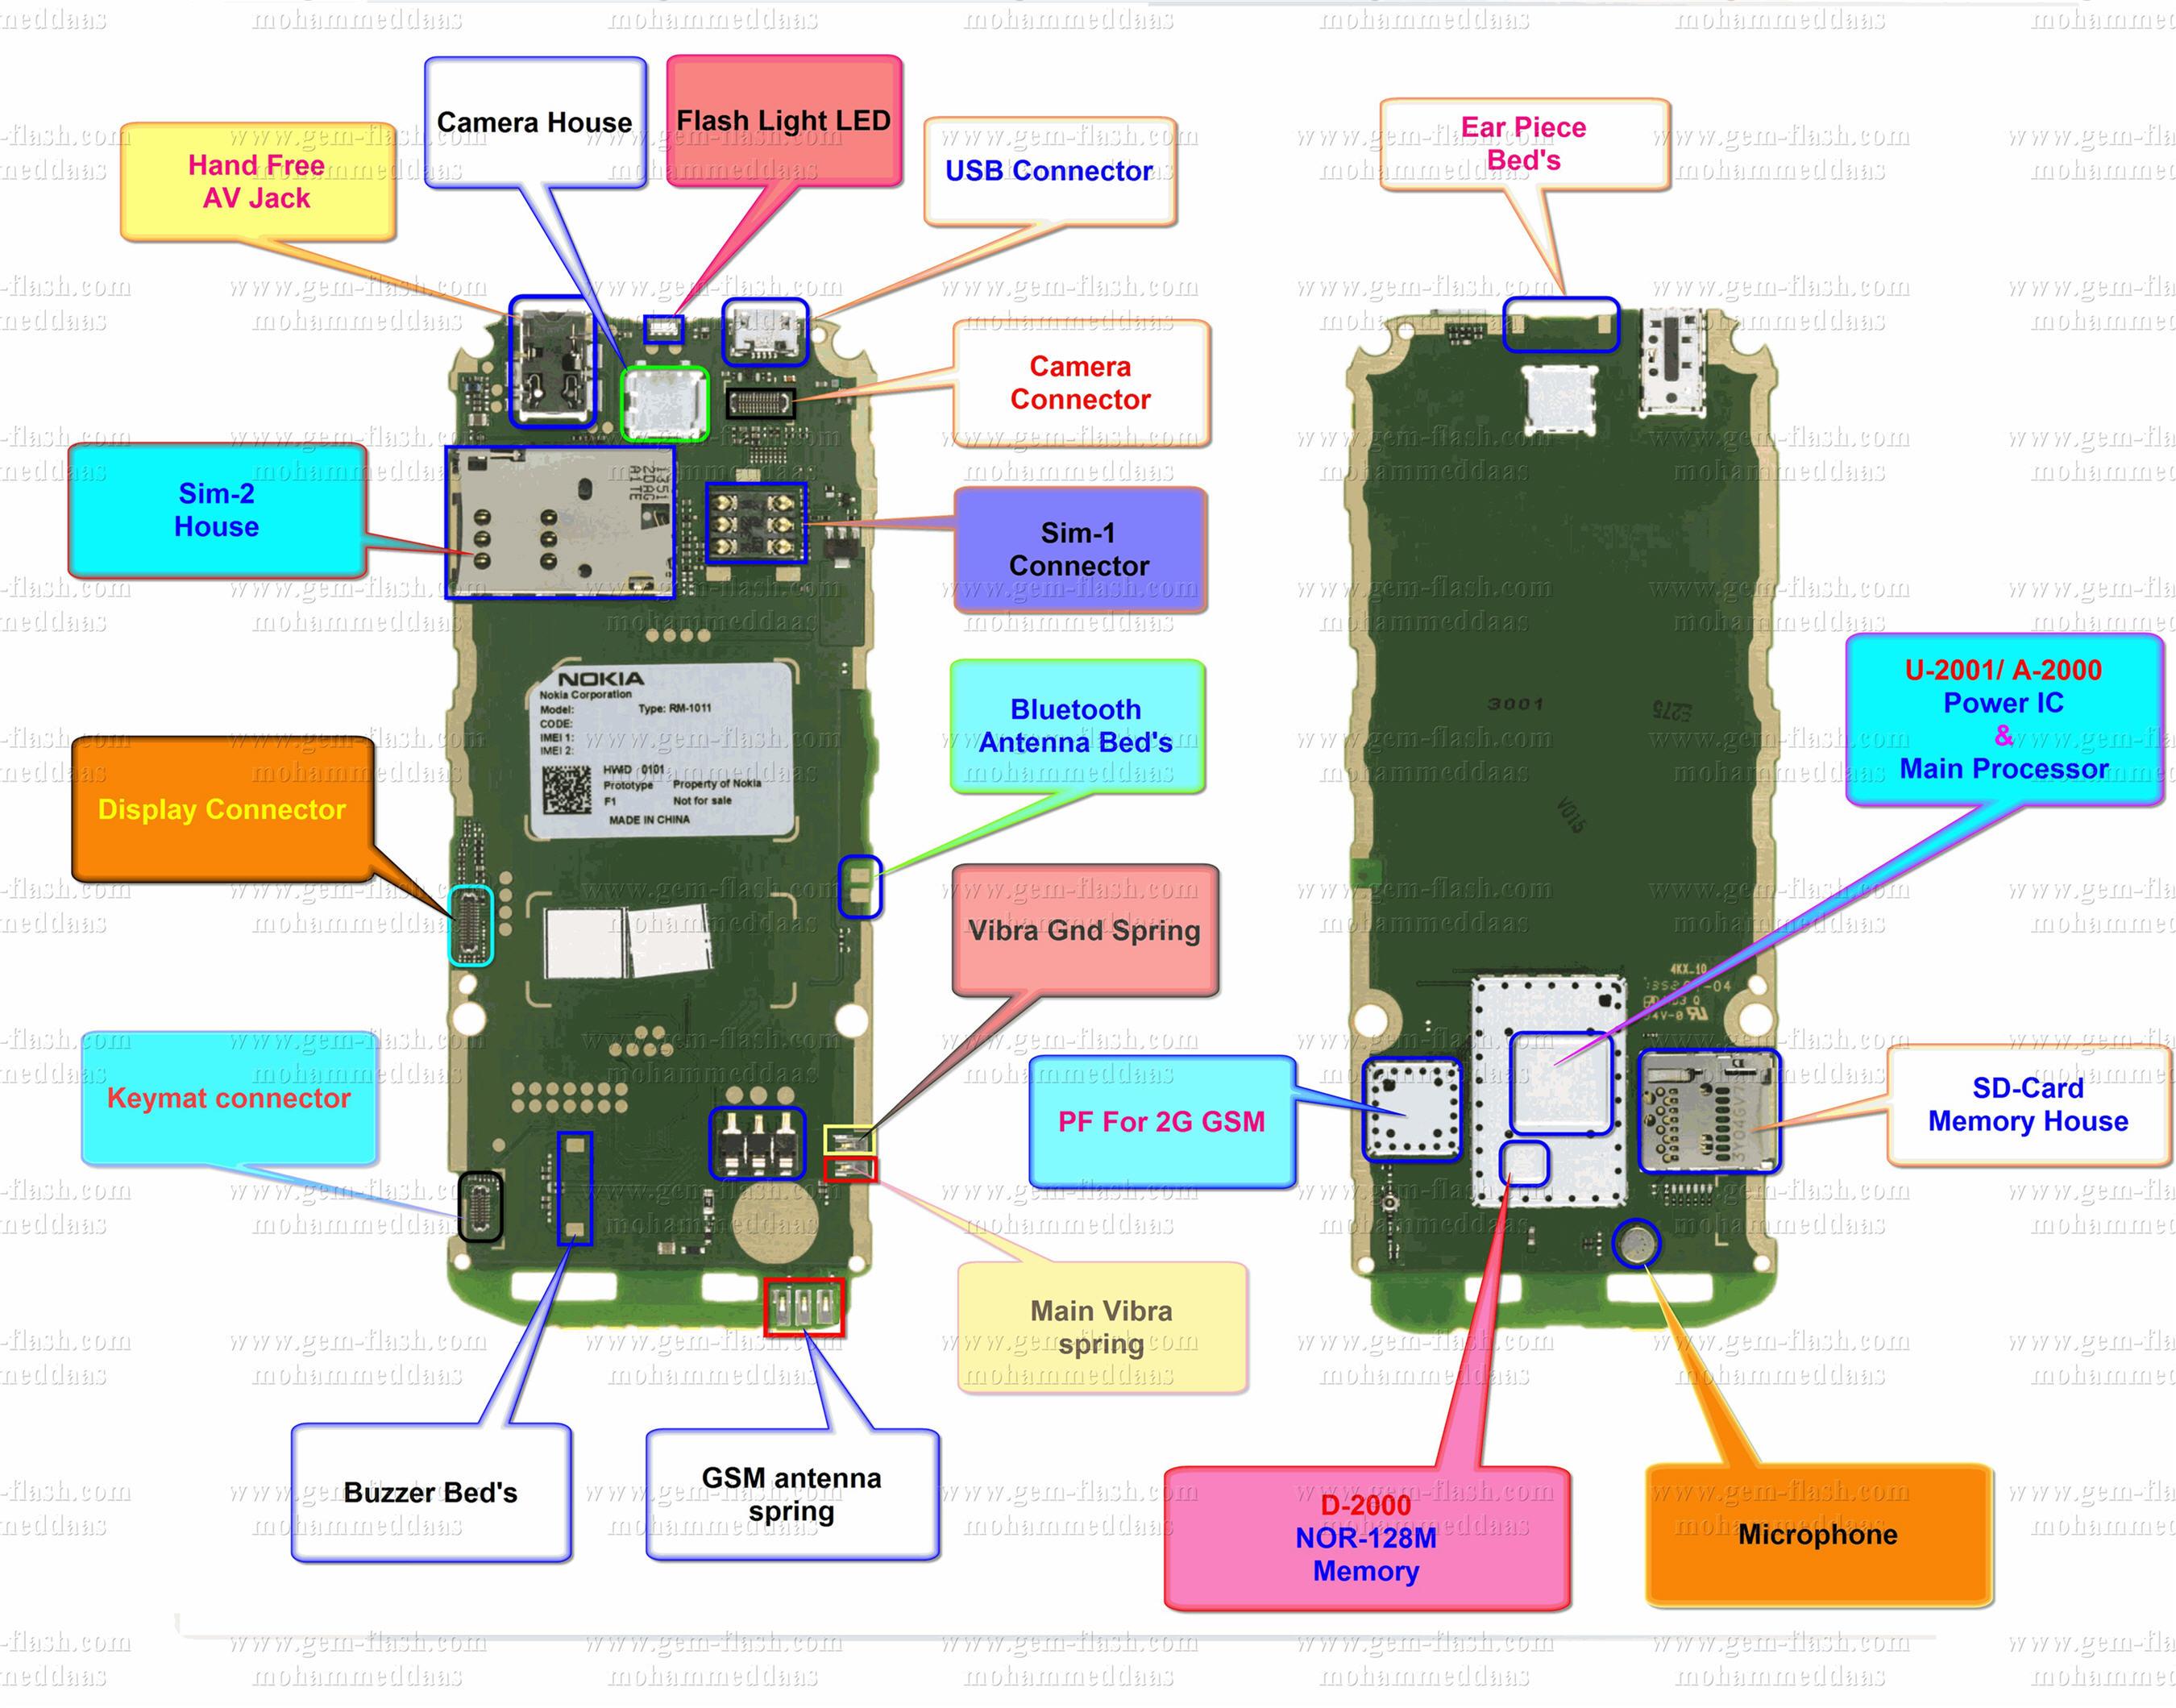 اعطال و تشريح نوكيا - 225 ( الشاشة  السيم المايك الجرس الكيباد)